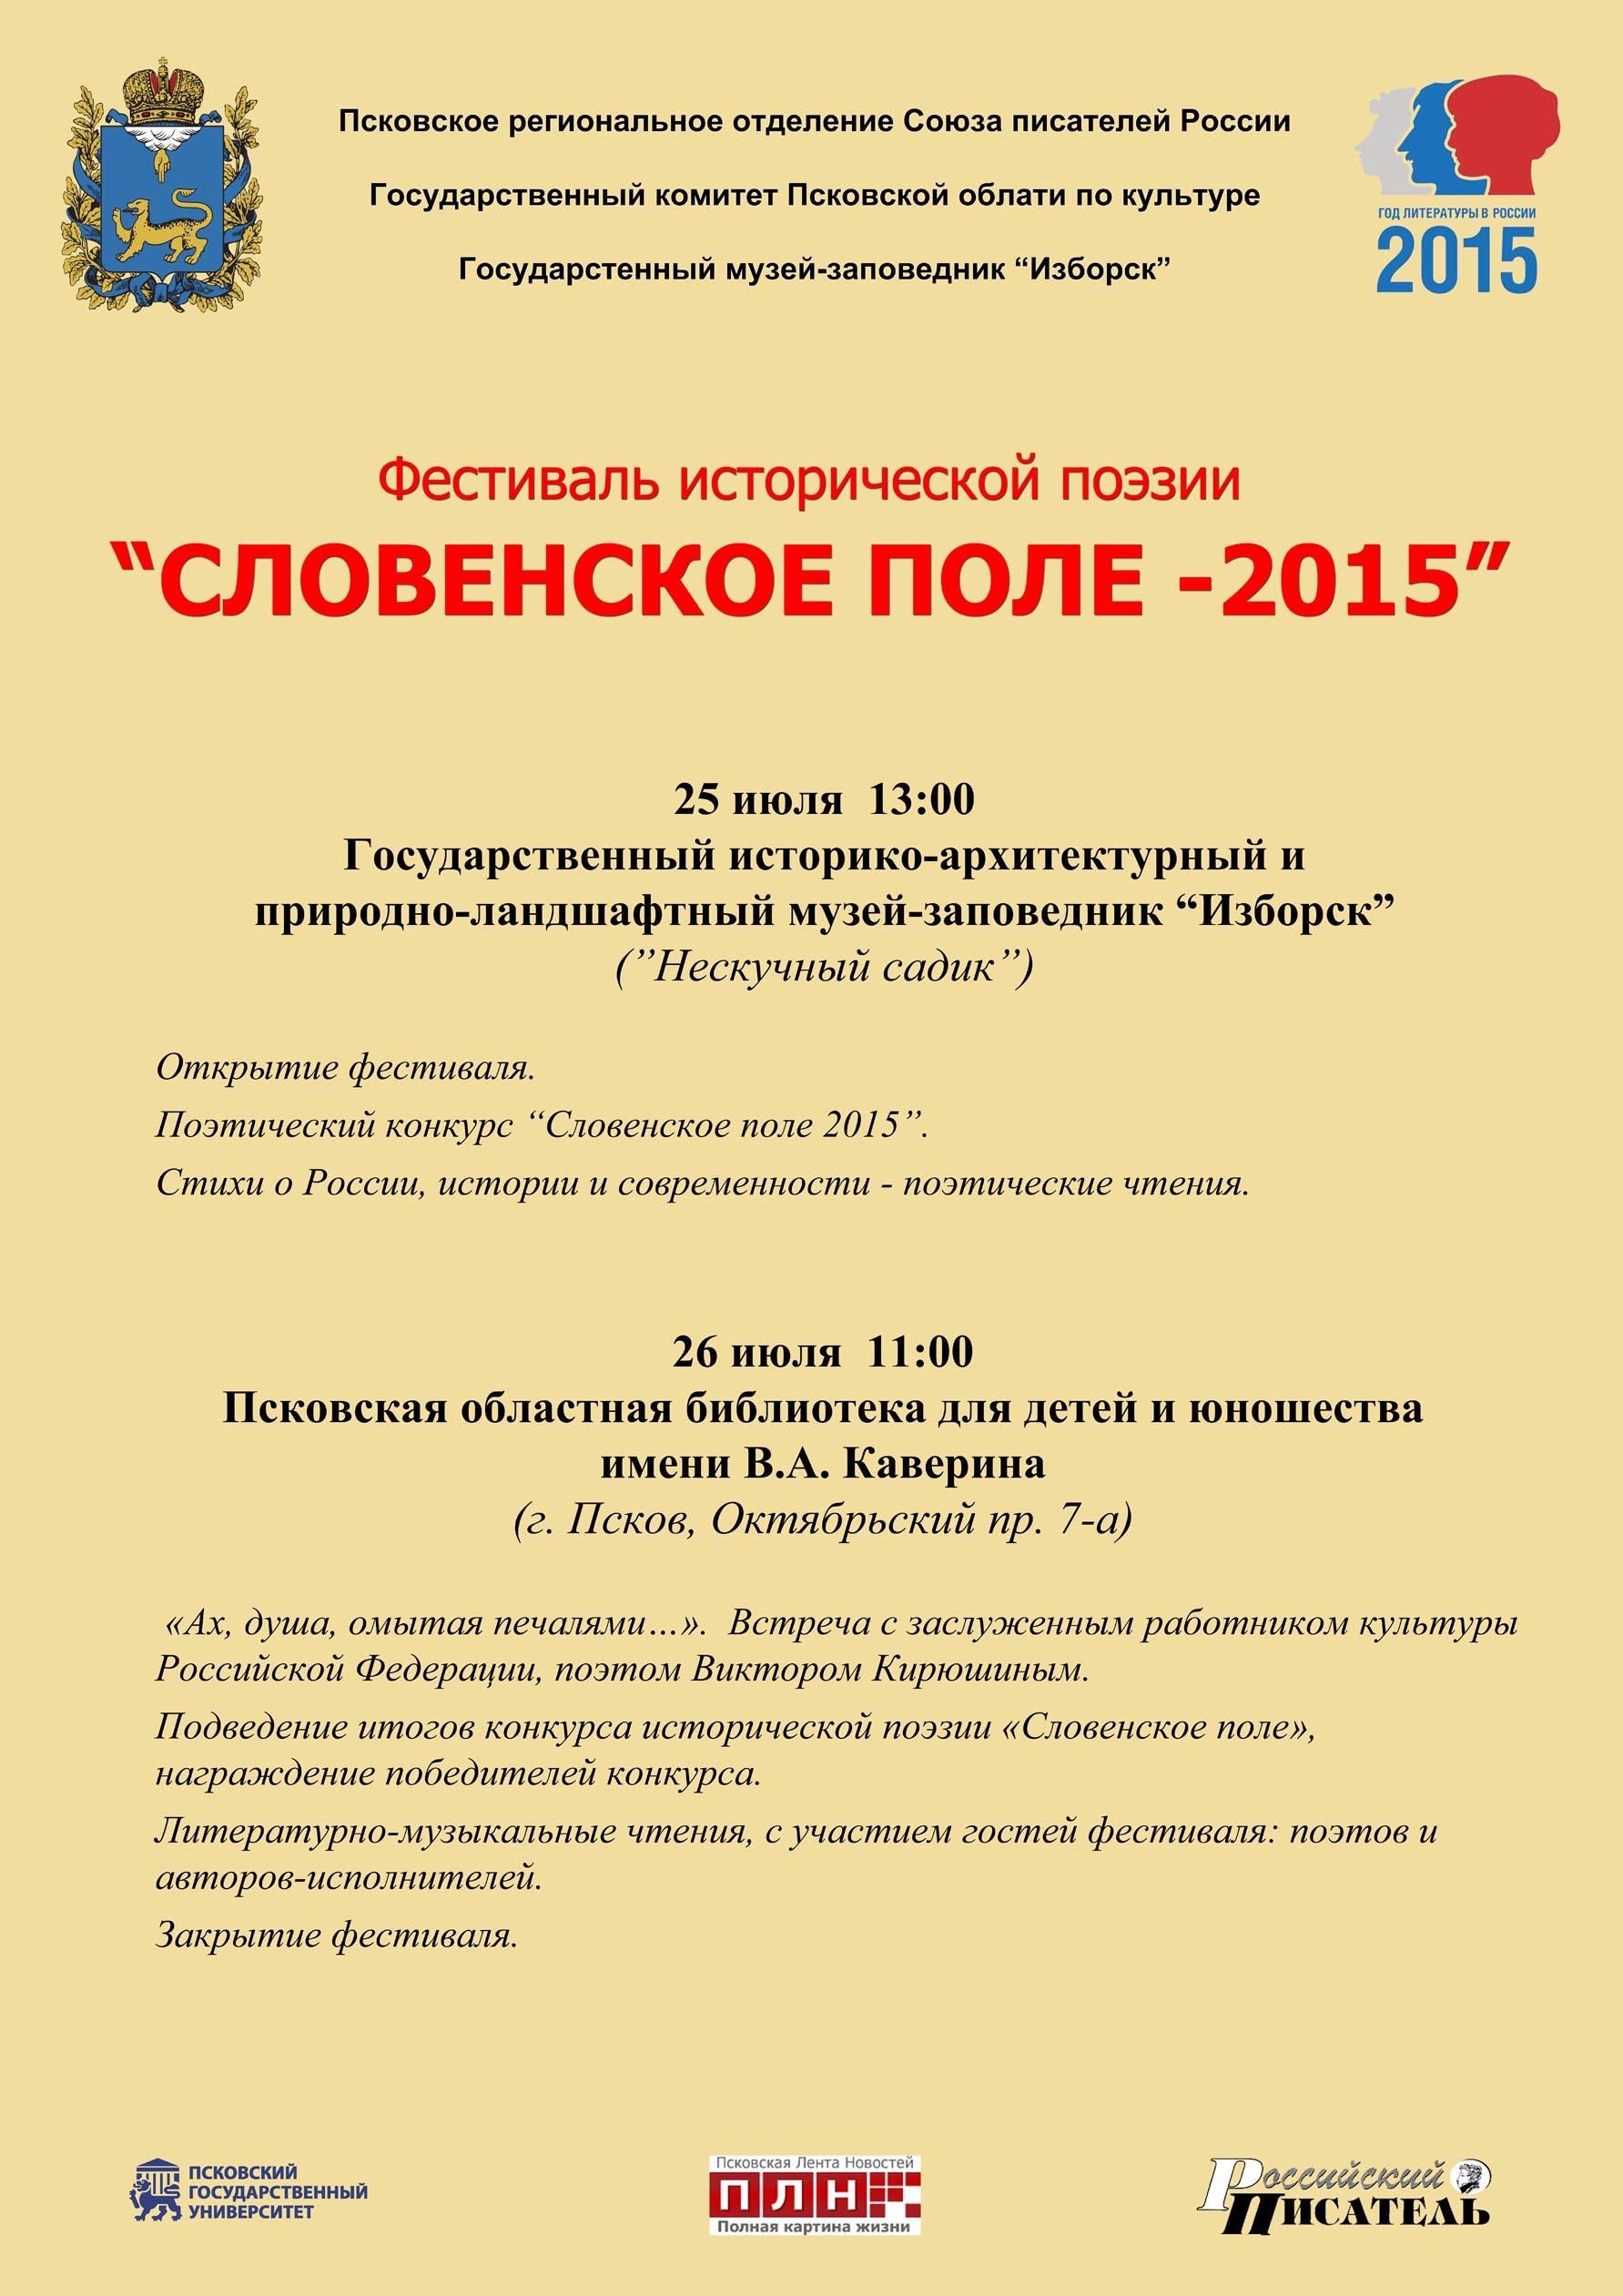 Афиша словенское поле 2015